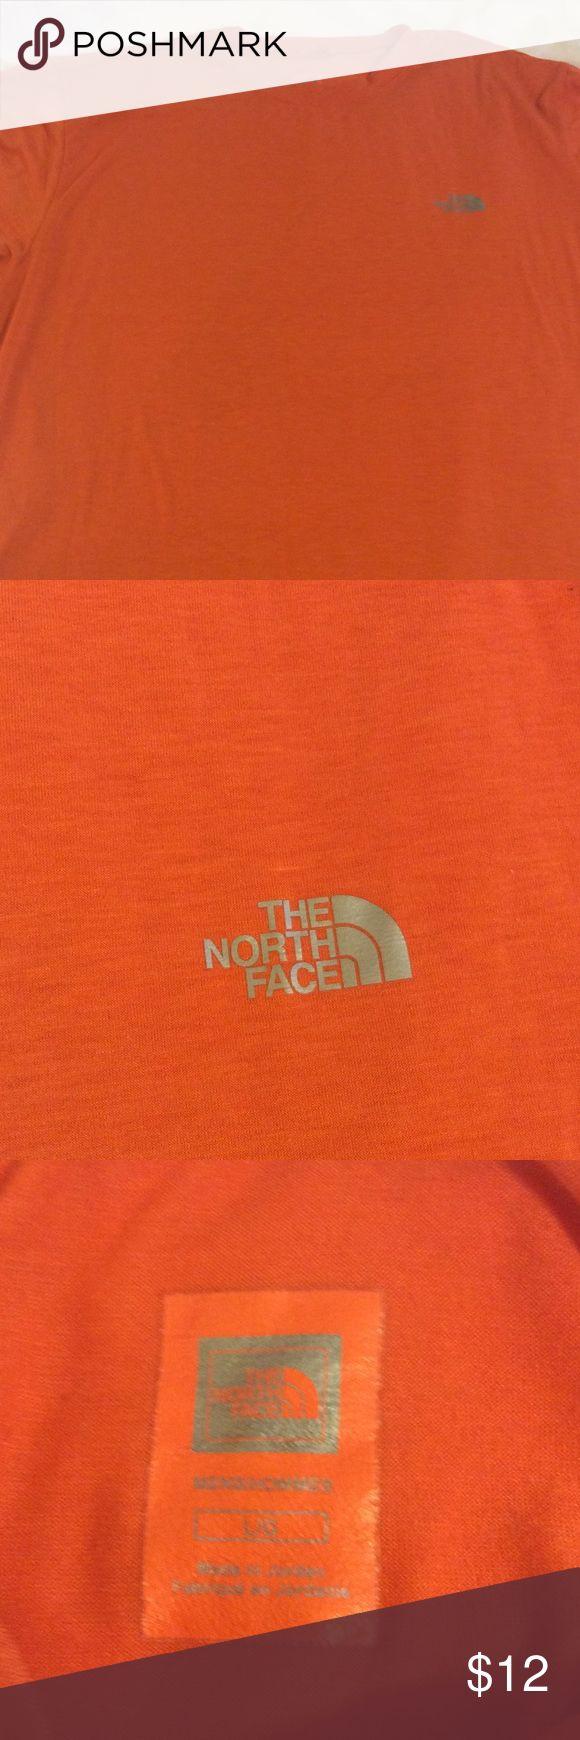 Men's Northface orange tee Nice men's North Face orange tee The North Face Shirts Tees - Short Sleeve